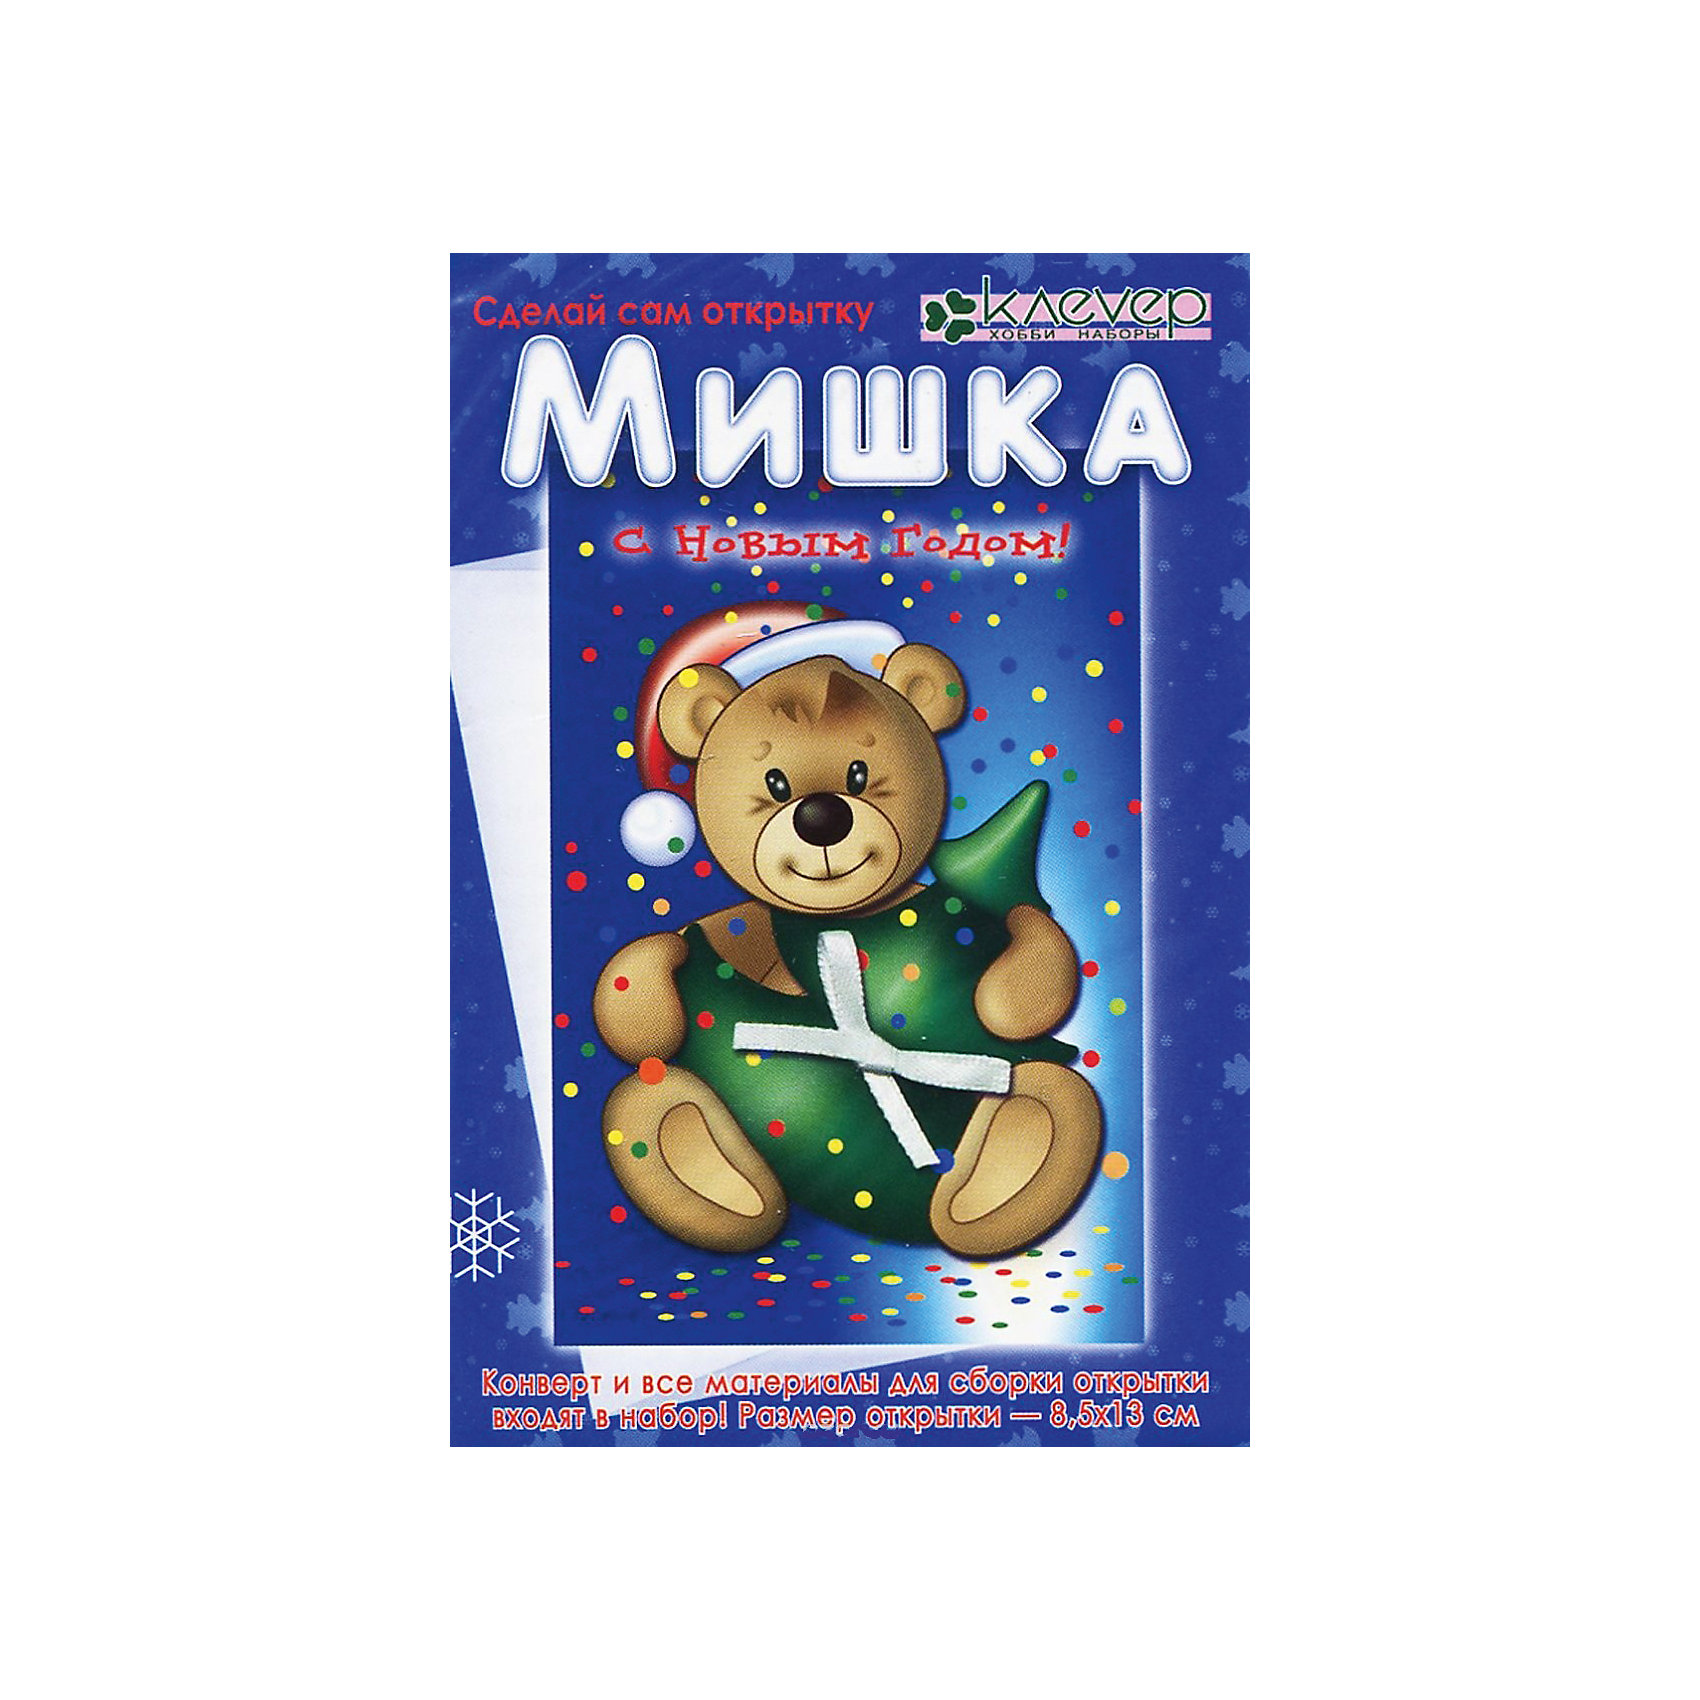 Новогодняя открытка МишкаДетские открытки<br>С помощью этого набора ваш ребенок сможет сам сделать новогоднюю открытку. Мишка - лучший помощник Деда Мороза в лесу, когда тот несет подарки детишкам, пробираясь через снежные сугробы. Мишку дети встречают с радостью и с удовольствием с ним играют. Создание поделок и открыток из бумаги позволяет ребенку раскрыть свой творческий потенциал, тренируют мелкую моторику, внимание и усидчивость.<br><br>Дополнительная информация:<br><br>- Материал: картон, бумага.<br>- Комплектация: цветная бумага и картон, атласная лента, пушистый помпон, игрушечные глазки с подвижными зрачками, двусторонняя клейкая лента (скотч) объемная и тонкая, конверт, инструкция. <br>- Техника: аппликация. <br>- Размер открытки: 8,5х12 см.<br><br>Новогоднюю открытку Мишка можно купить в нашем магазине.<br><br>Ширина мм: 180<br>Глубина мм: 100<br>Высота мм: 5<br>Вес г: 20<br>Возраст от месяцев: 60<br>Возраст до месяцев: 84<br>Пол: Унисекс<br>Возраст: Детский<br>SKU: 4443215